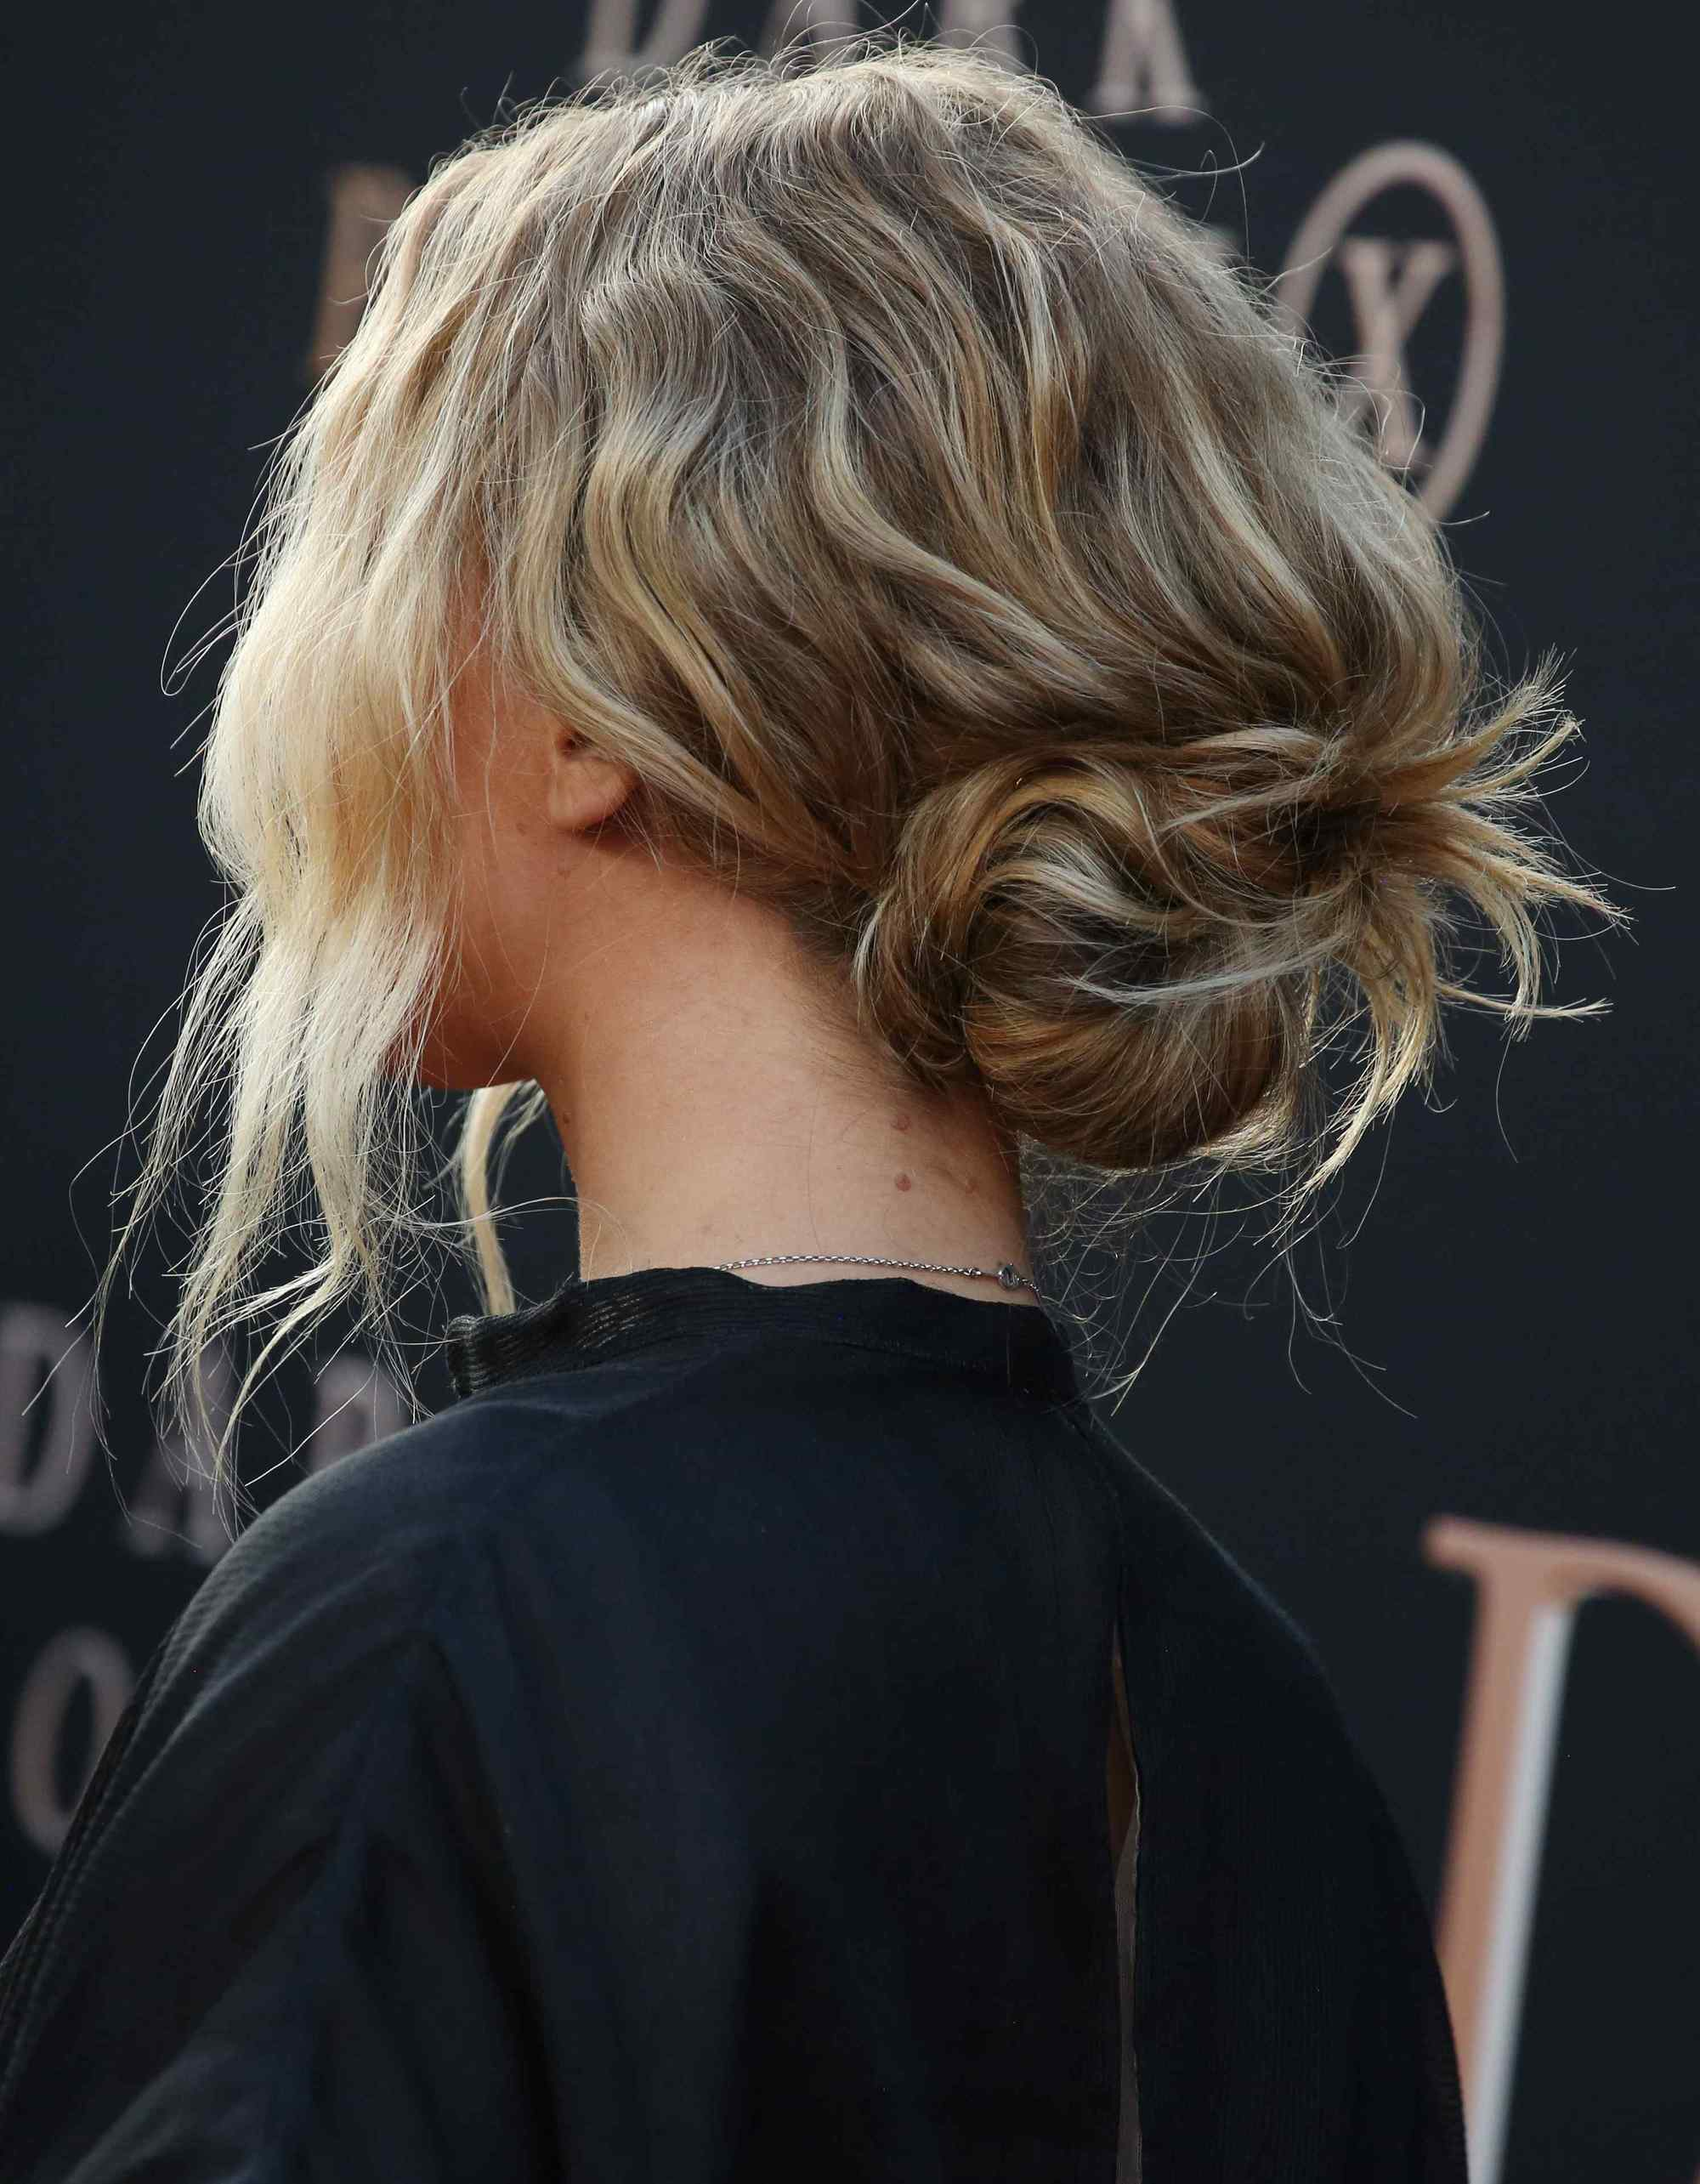 Jennifer Lawrence avec un chignon bas et ondulé aux vrilles lâches